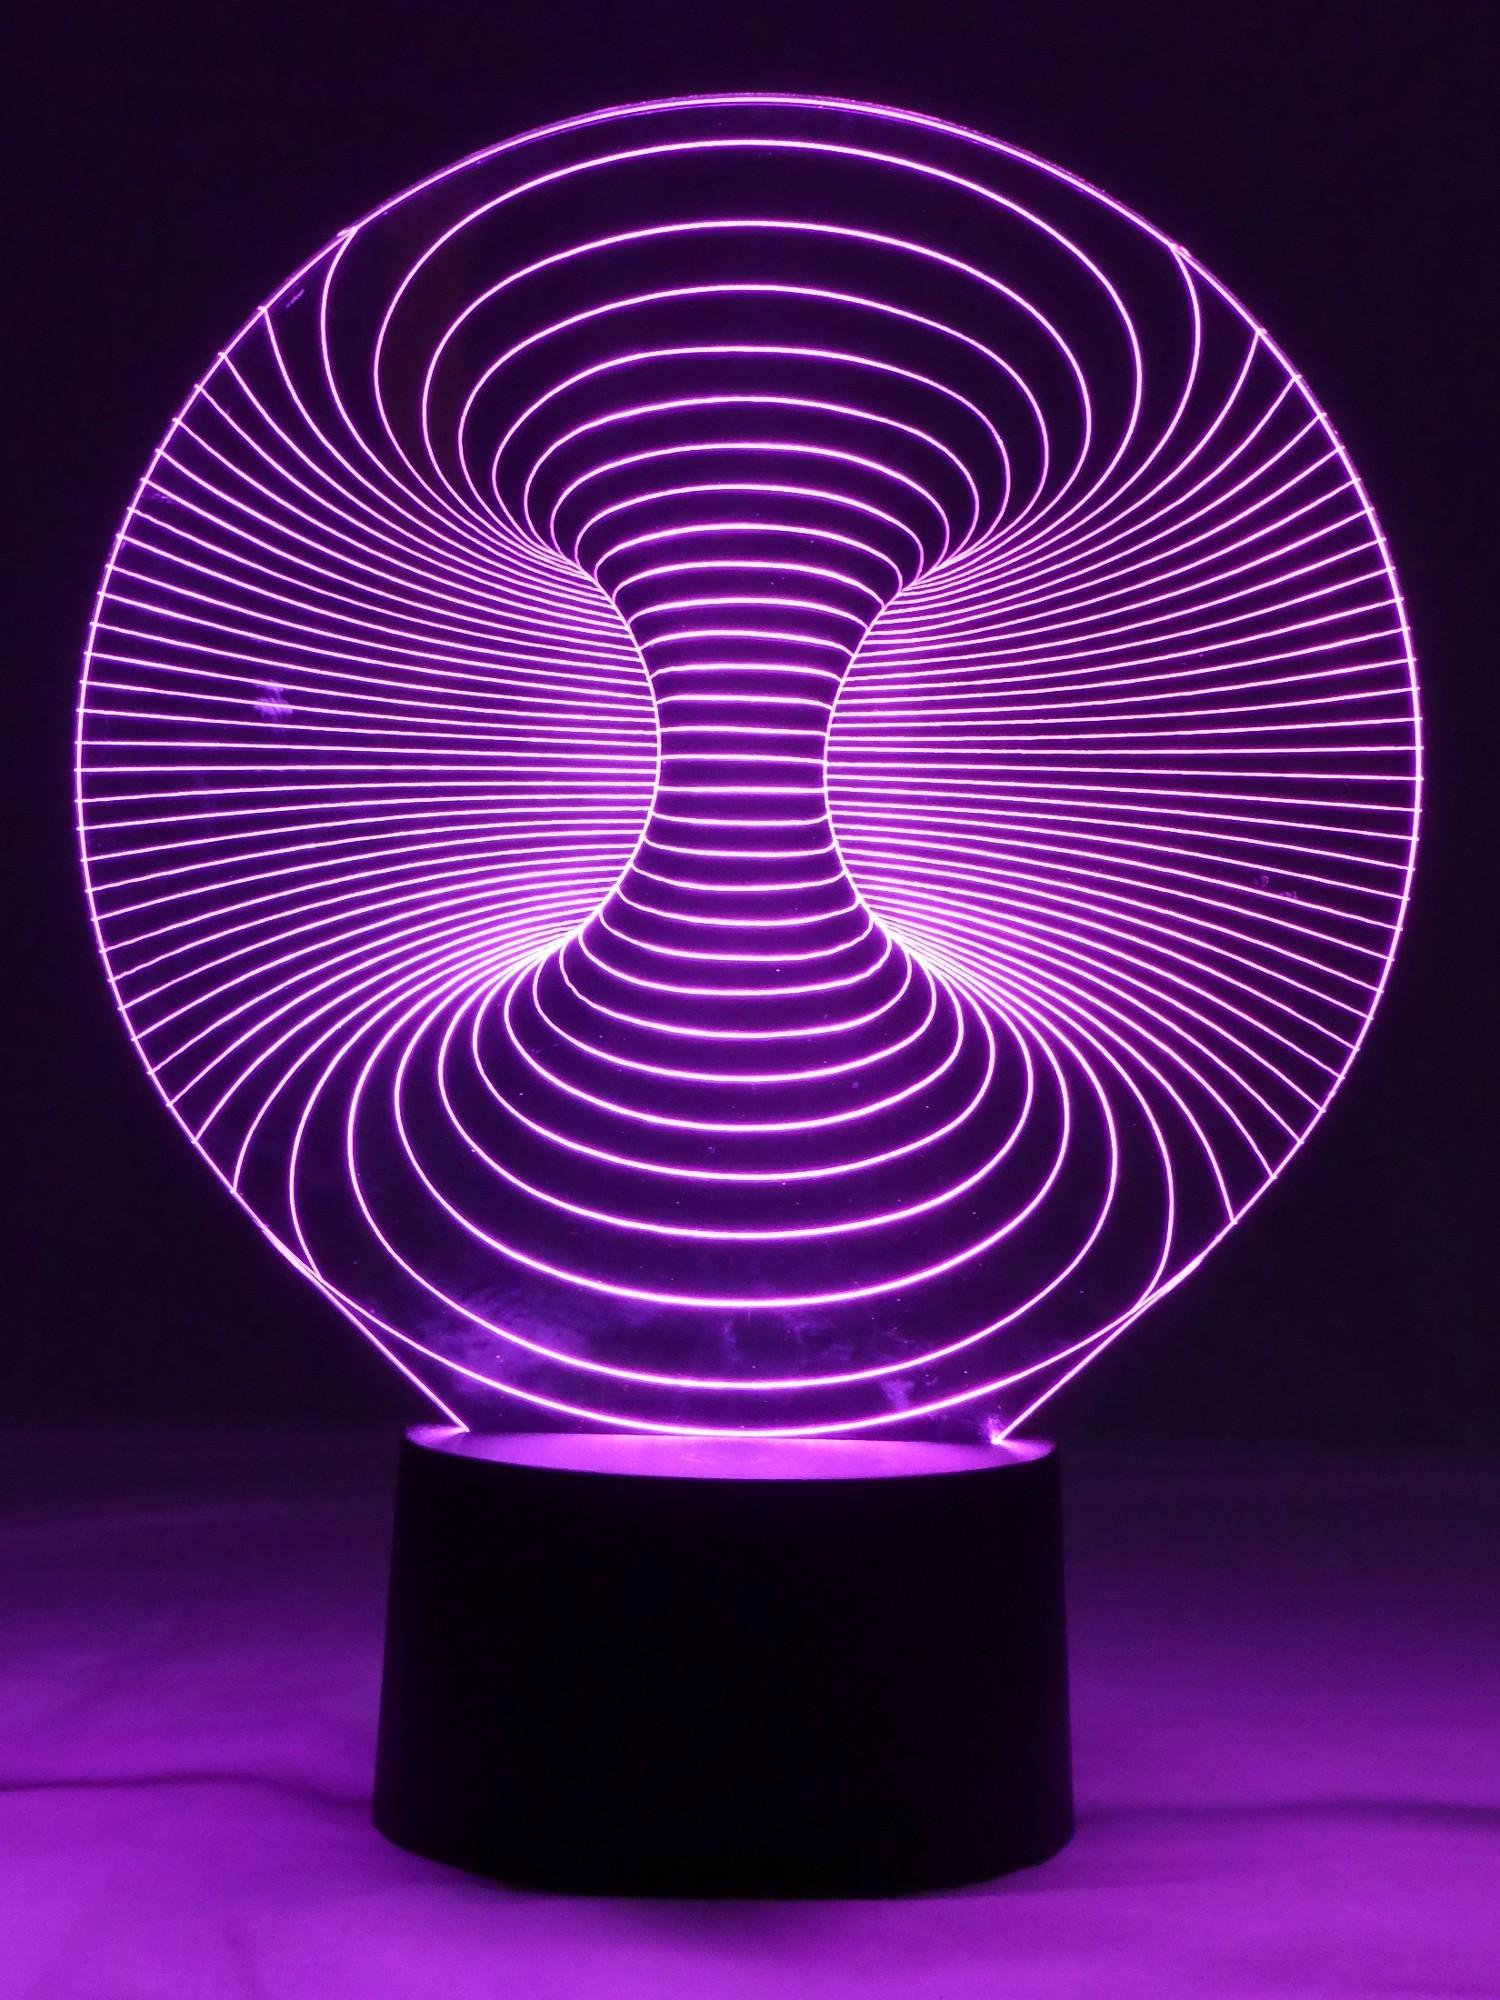 originelle 3d led lampe wirbelsturm designerlampe tischlampe wohnzimmer wohnlicht. Black Bedroom Furniture Sets. Home Design Ideas